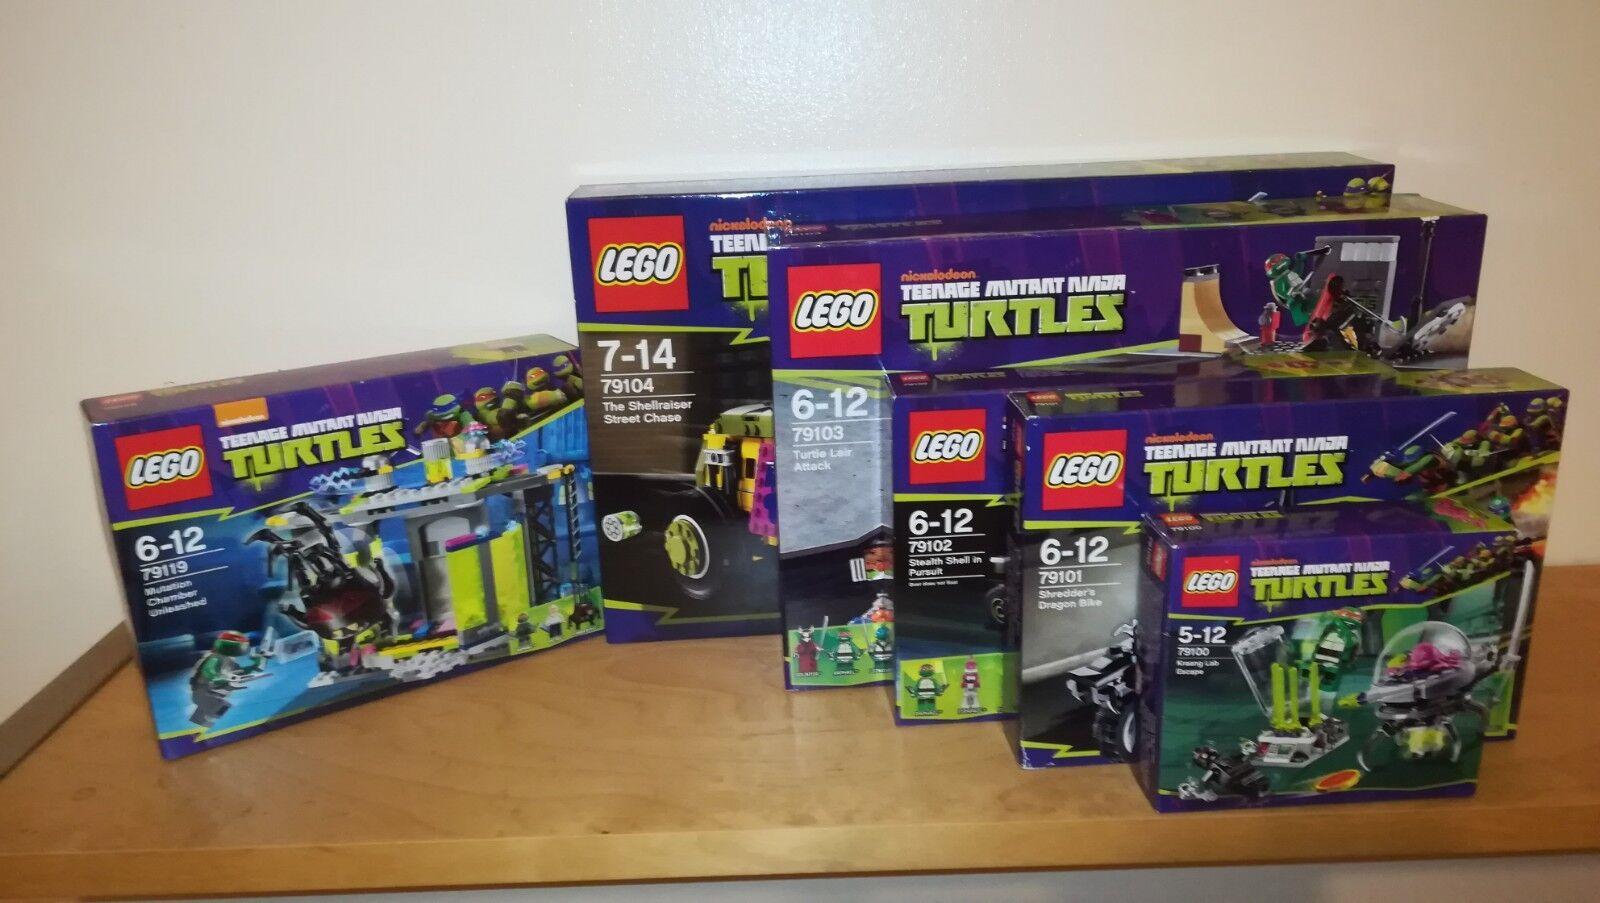 LEGO Teenage Mutant Ninja Turtles Bundle of 79100 79101 79102 79103 79104 79119